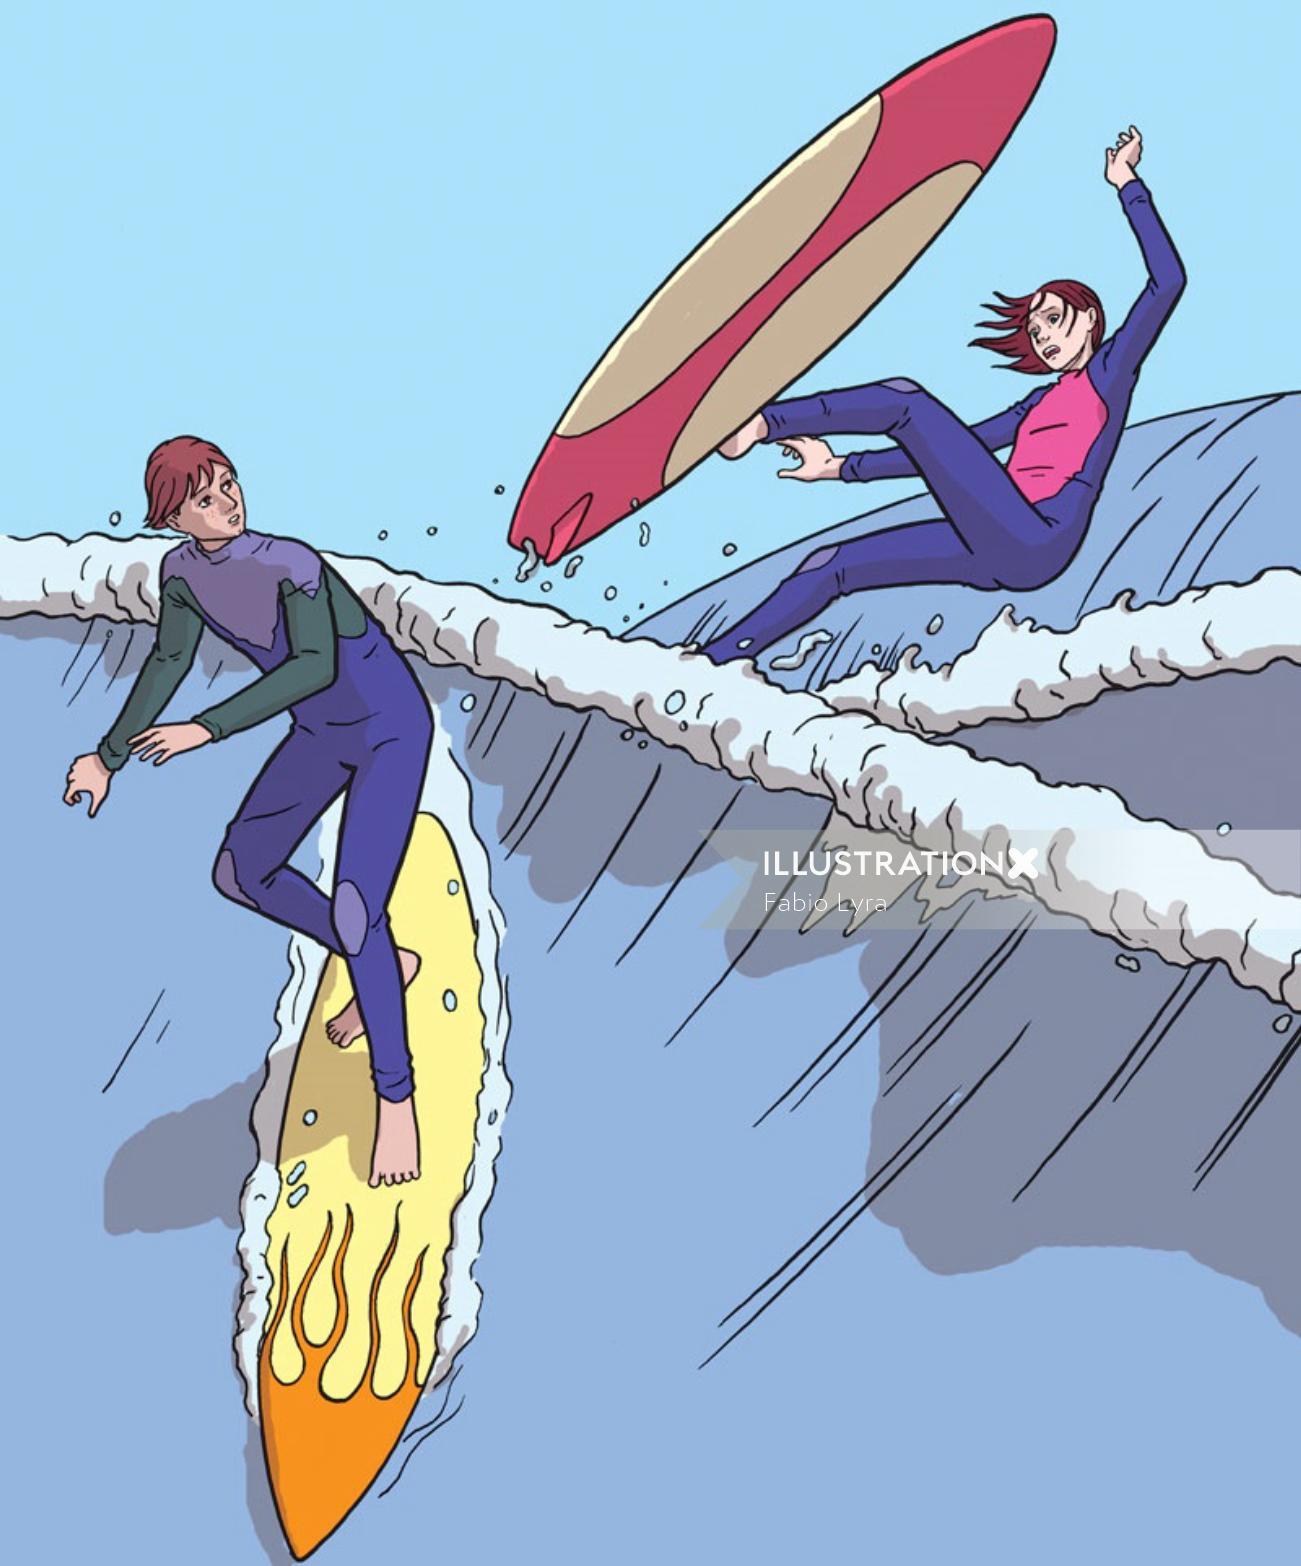 Teen surfer falling in water